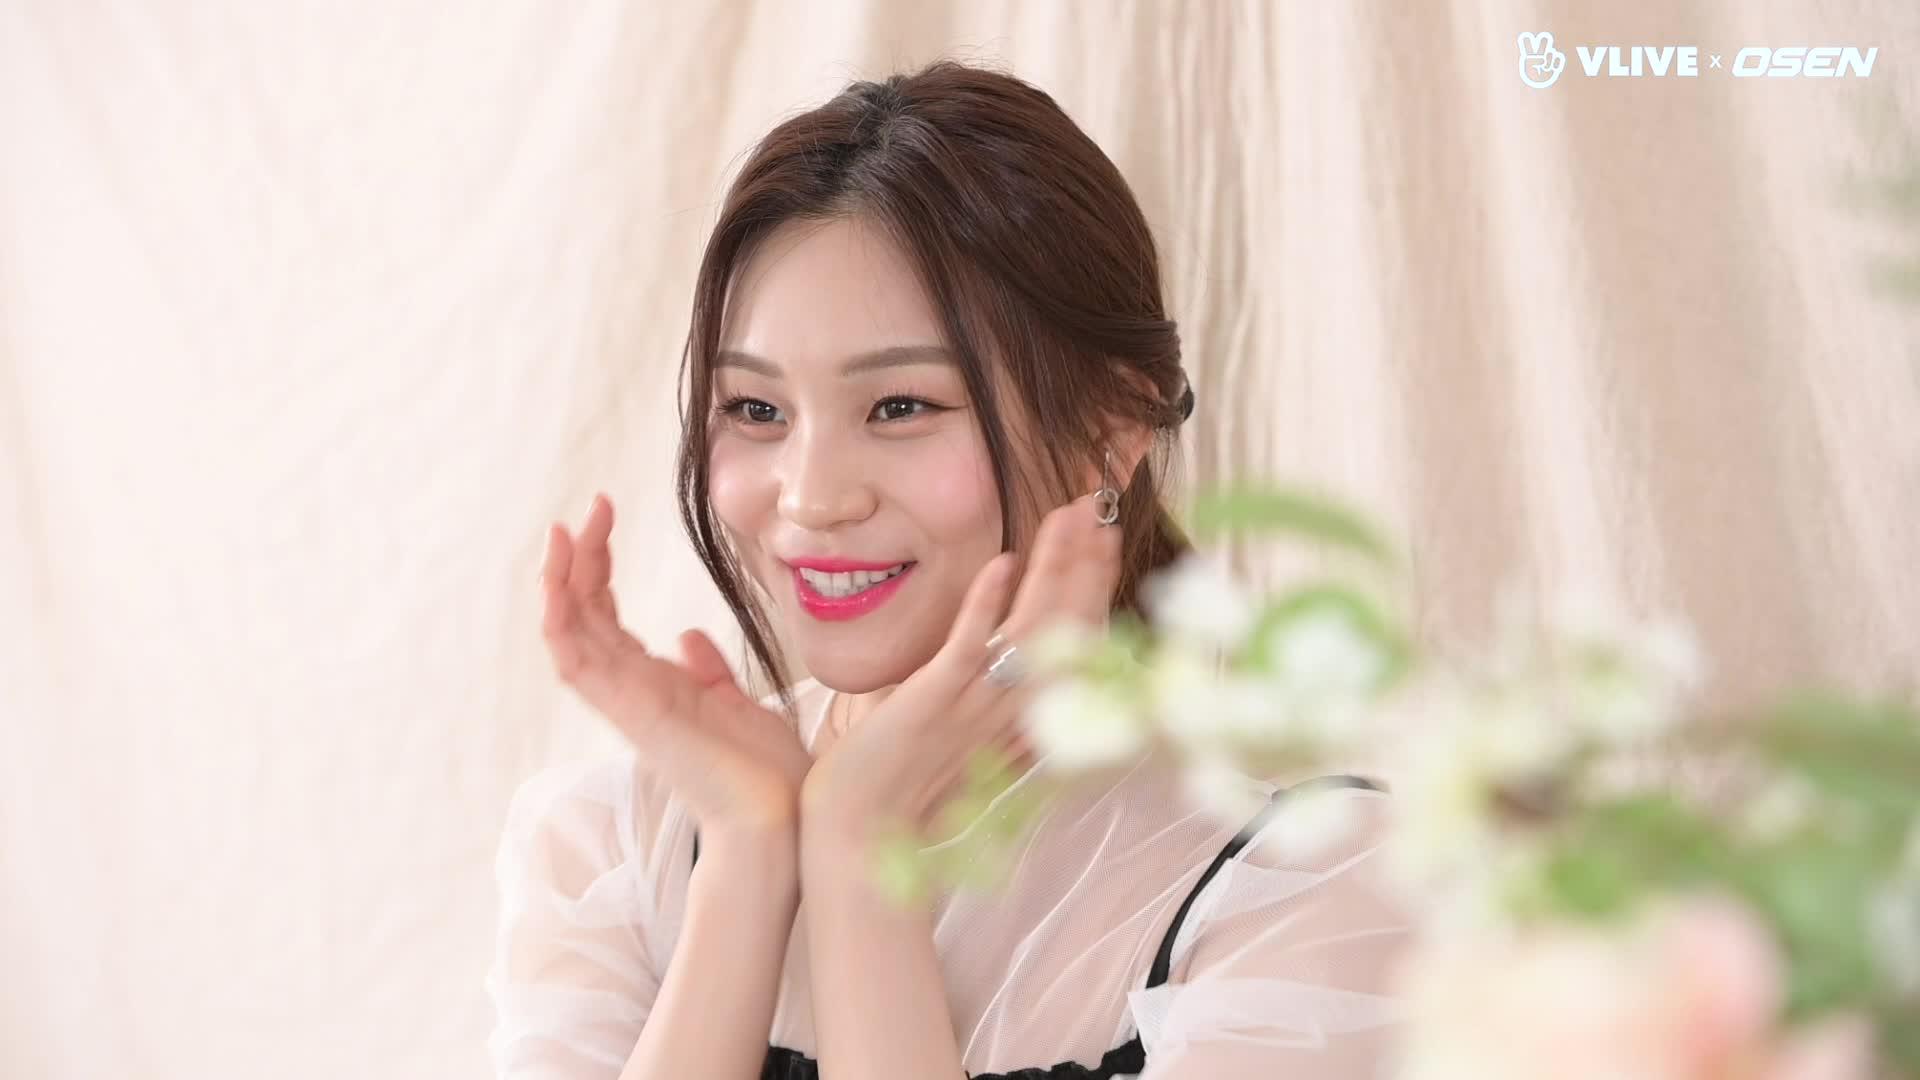 '스타로드' 여자친구 엄지, TMI인터뷰 공개 #EP 04